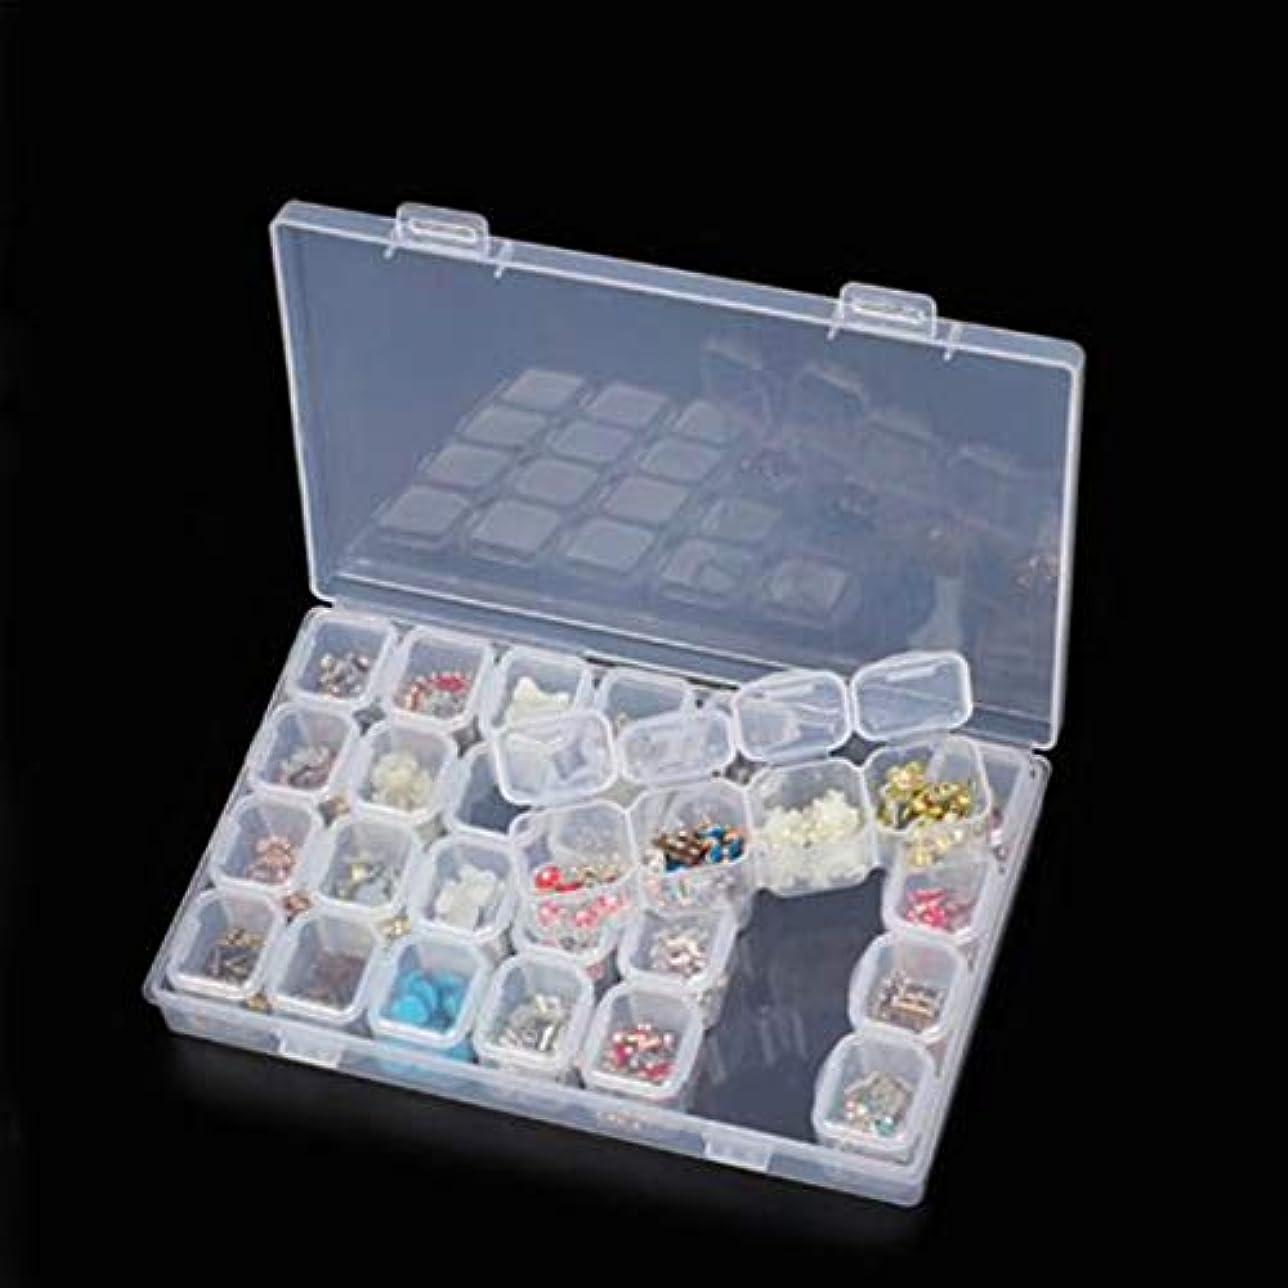 手配するこどもの宮殿ペット28スロットプラスチック収納ボックスボックスダイヤモンド塗装キットネールアートラインツールズ収納収納ボックスケースオーガナイザーホルダー